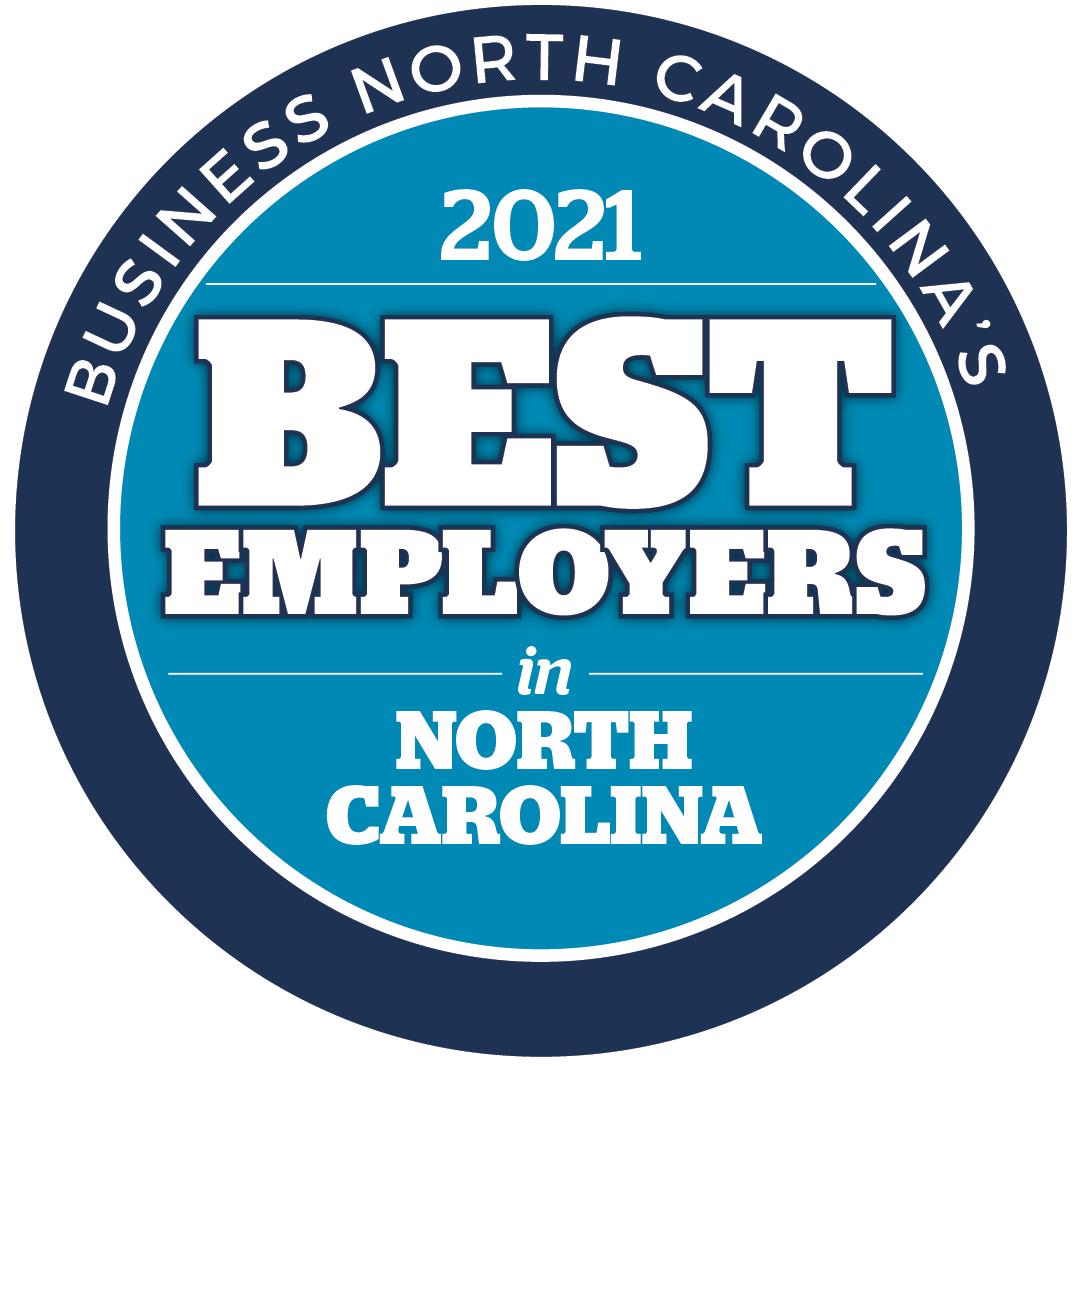 Johnson Price Sprinkle named 2021 Best Employer